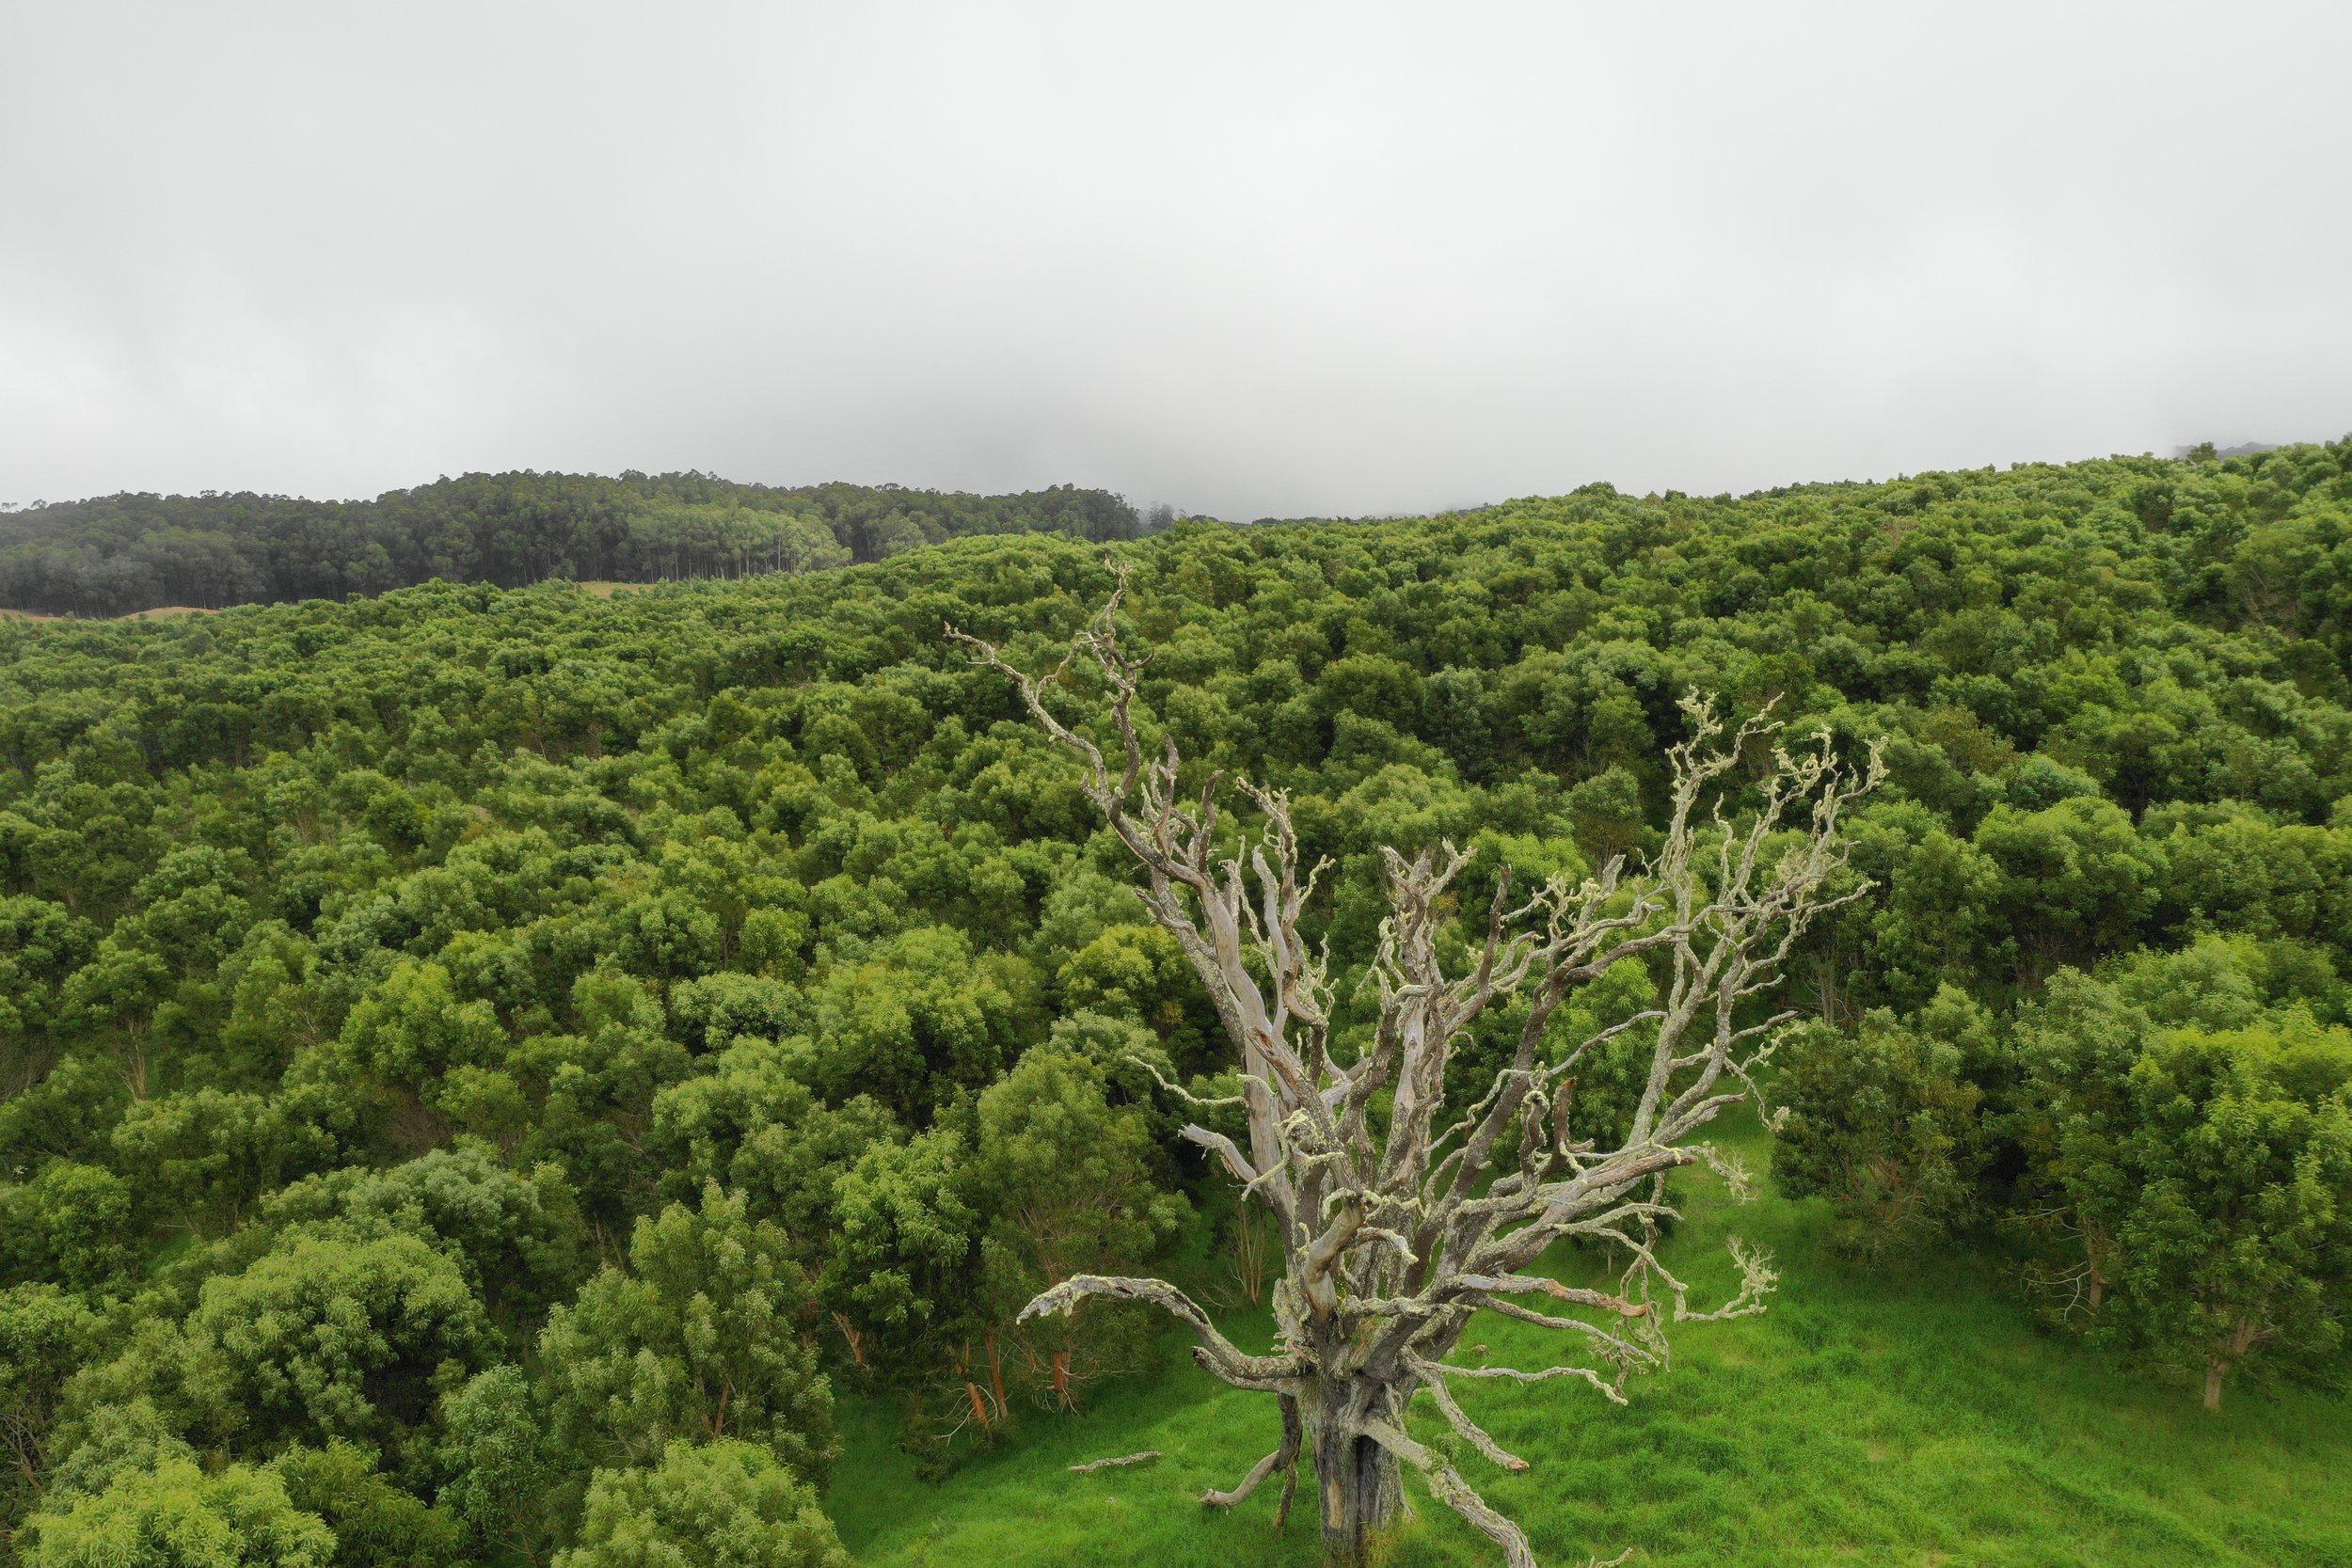 Aloha e' kipa mai' i ka nahele - Aloha we welcome you to the forest..